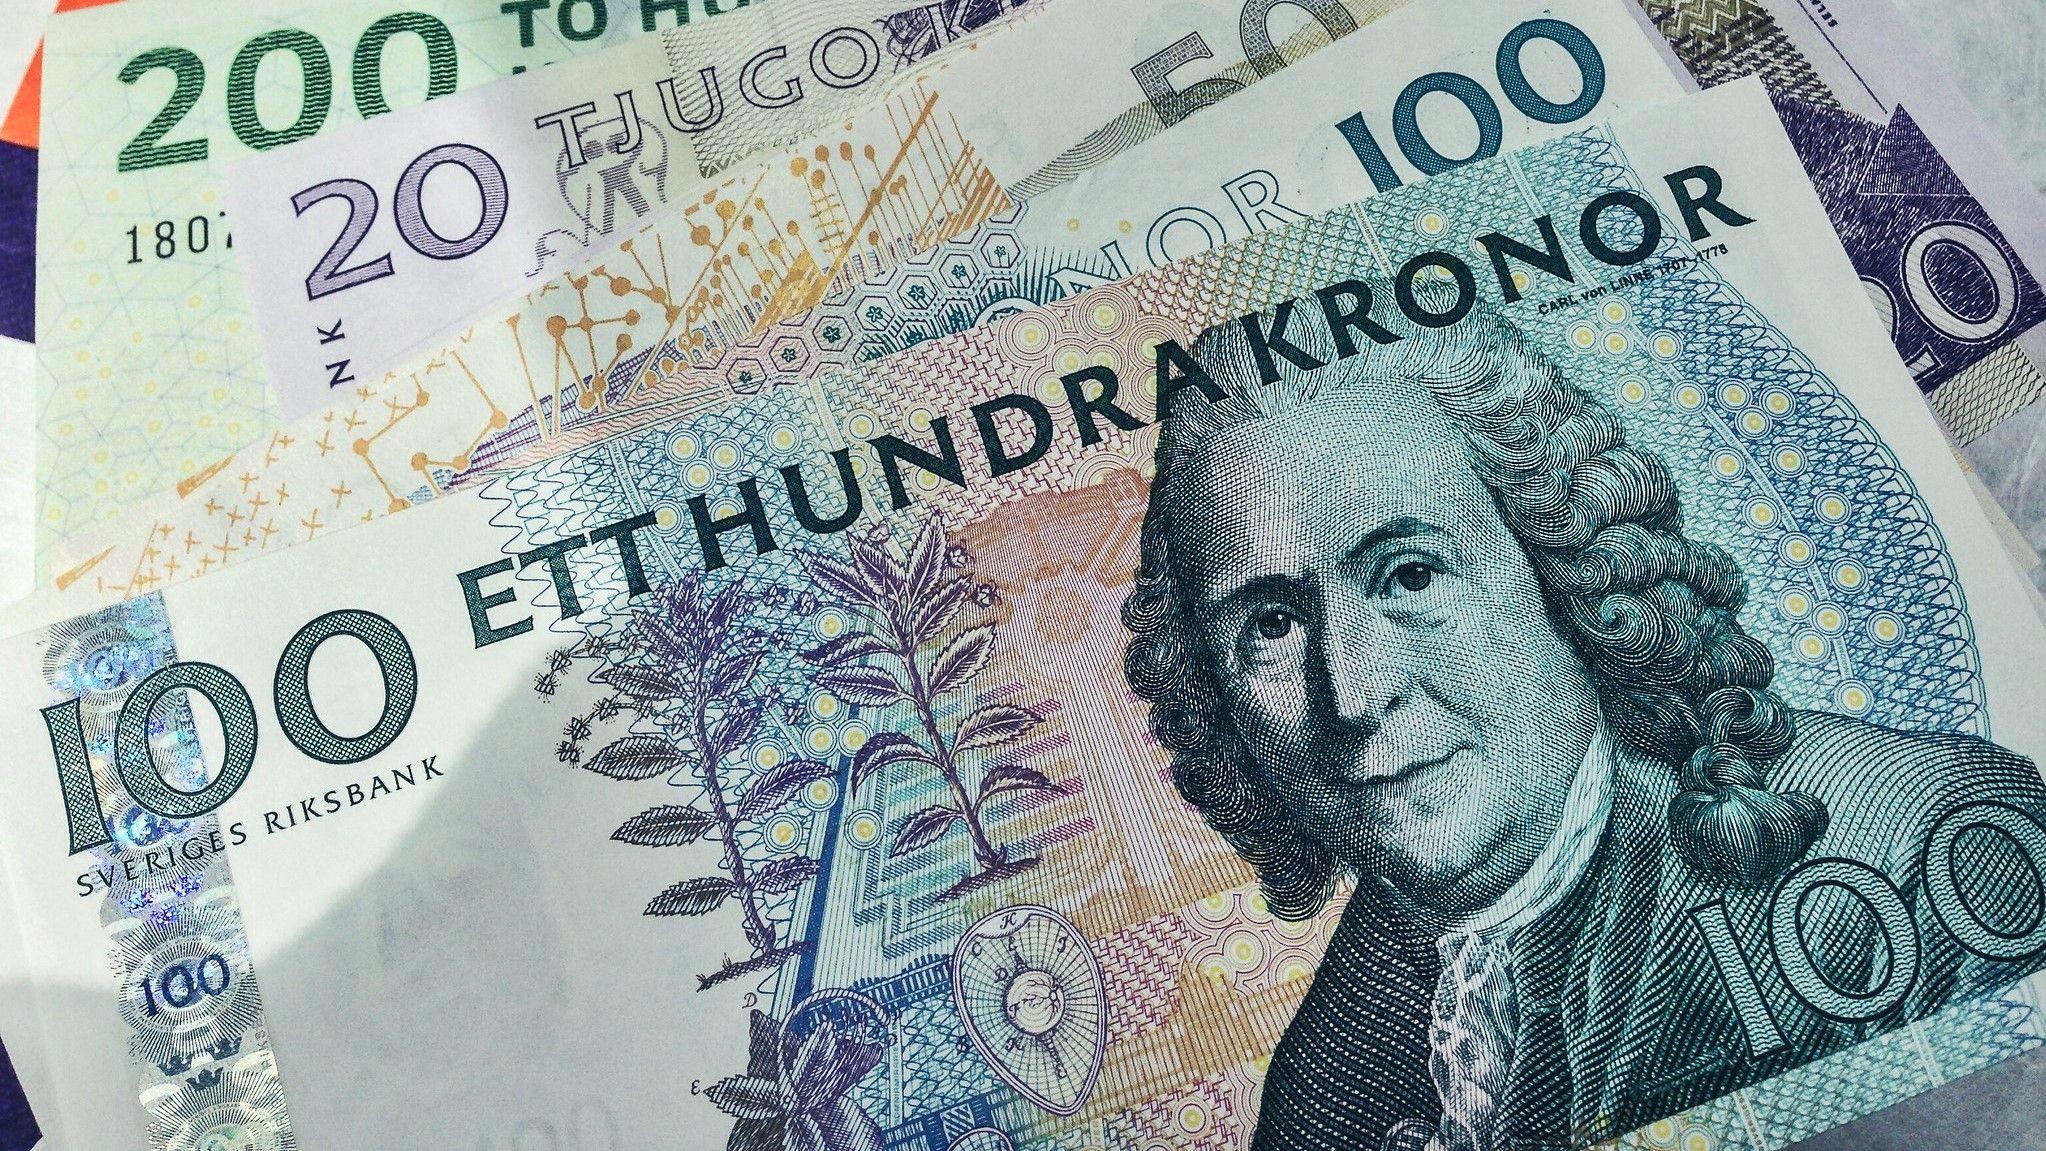 キャッシュレス大国スウェーデン、国立銀行がデジタル通貨の試験を開始